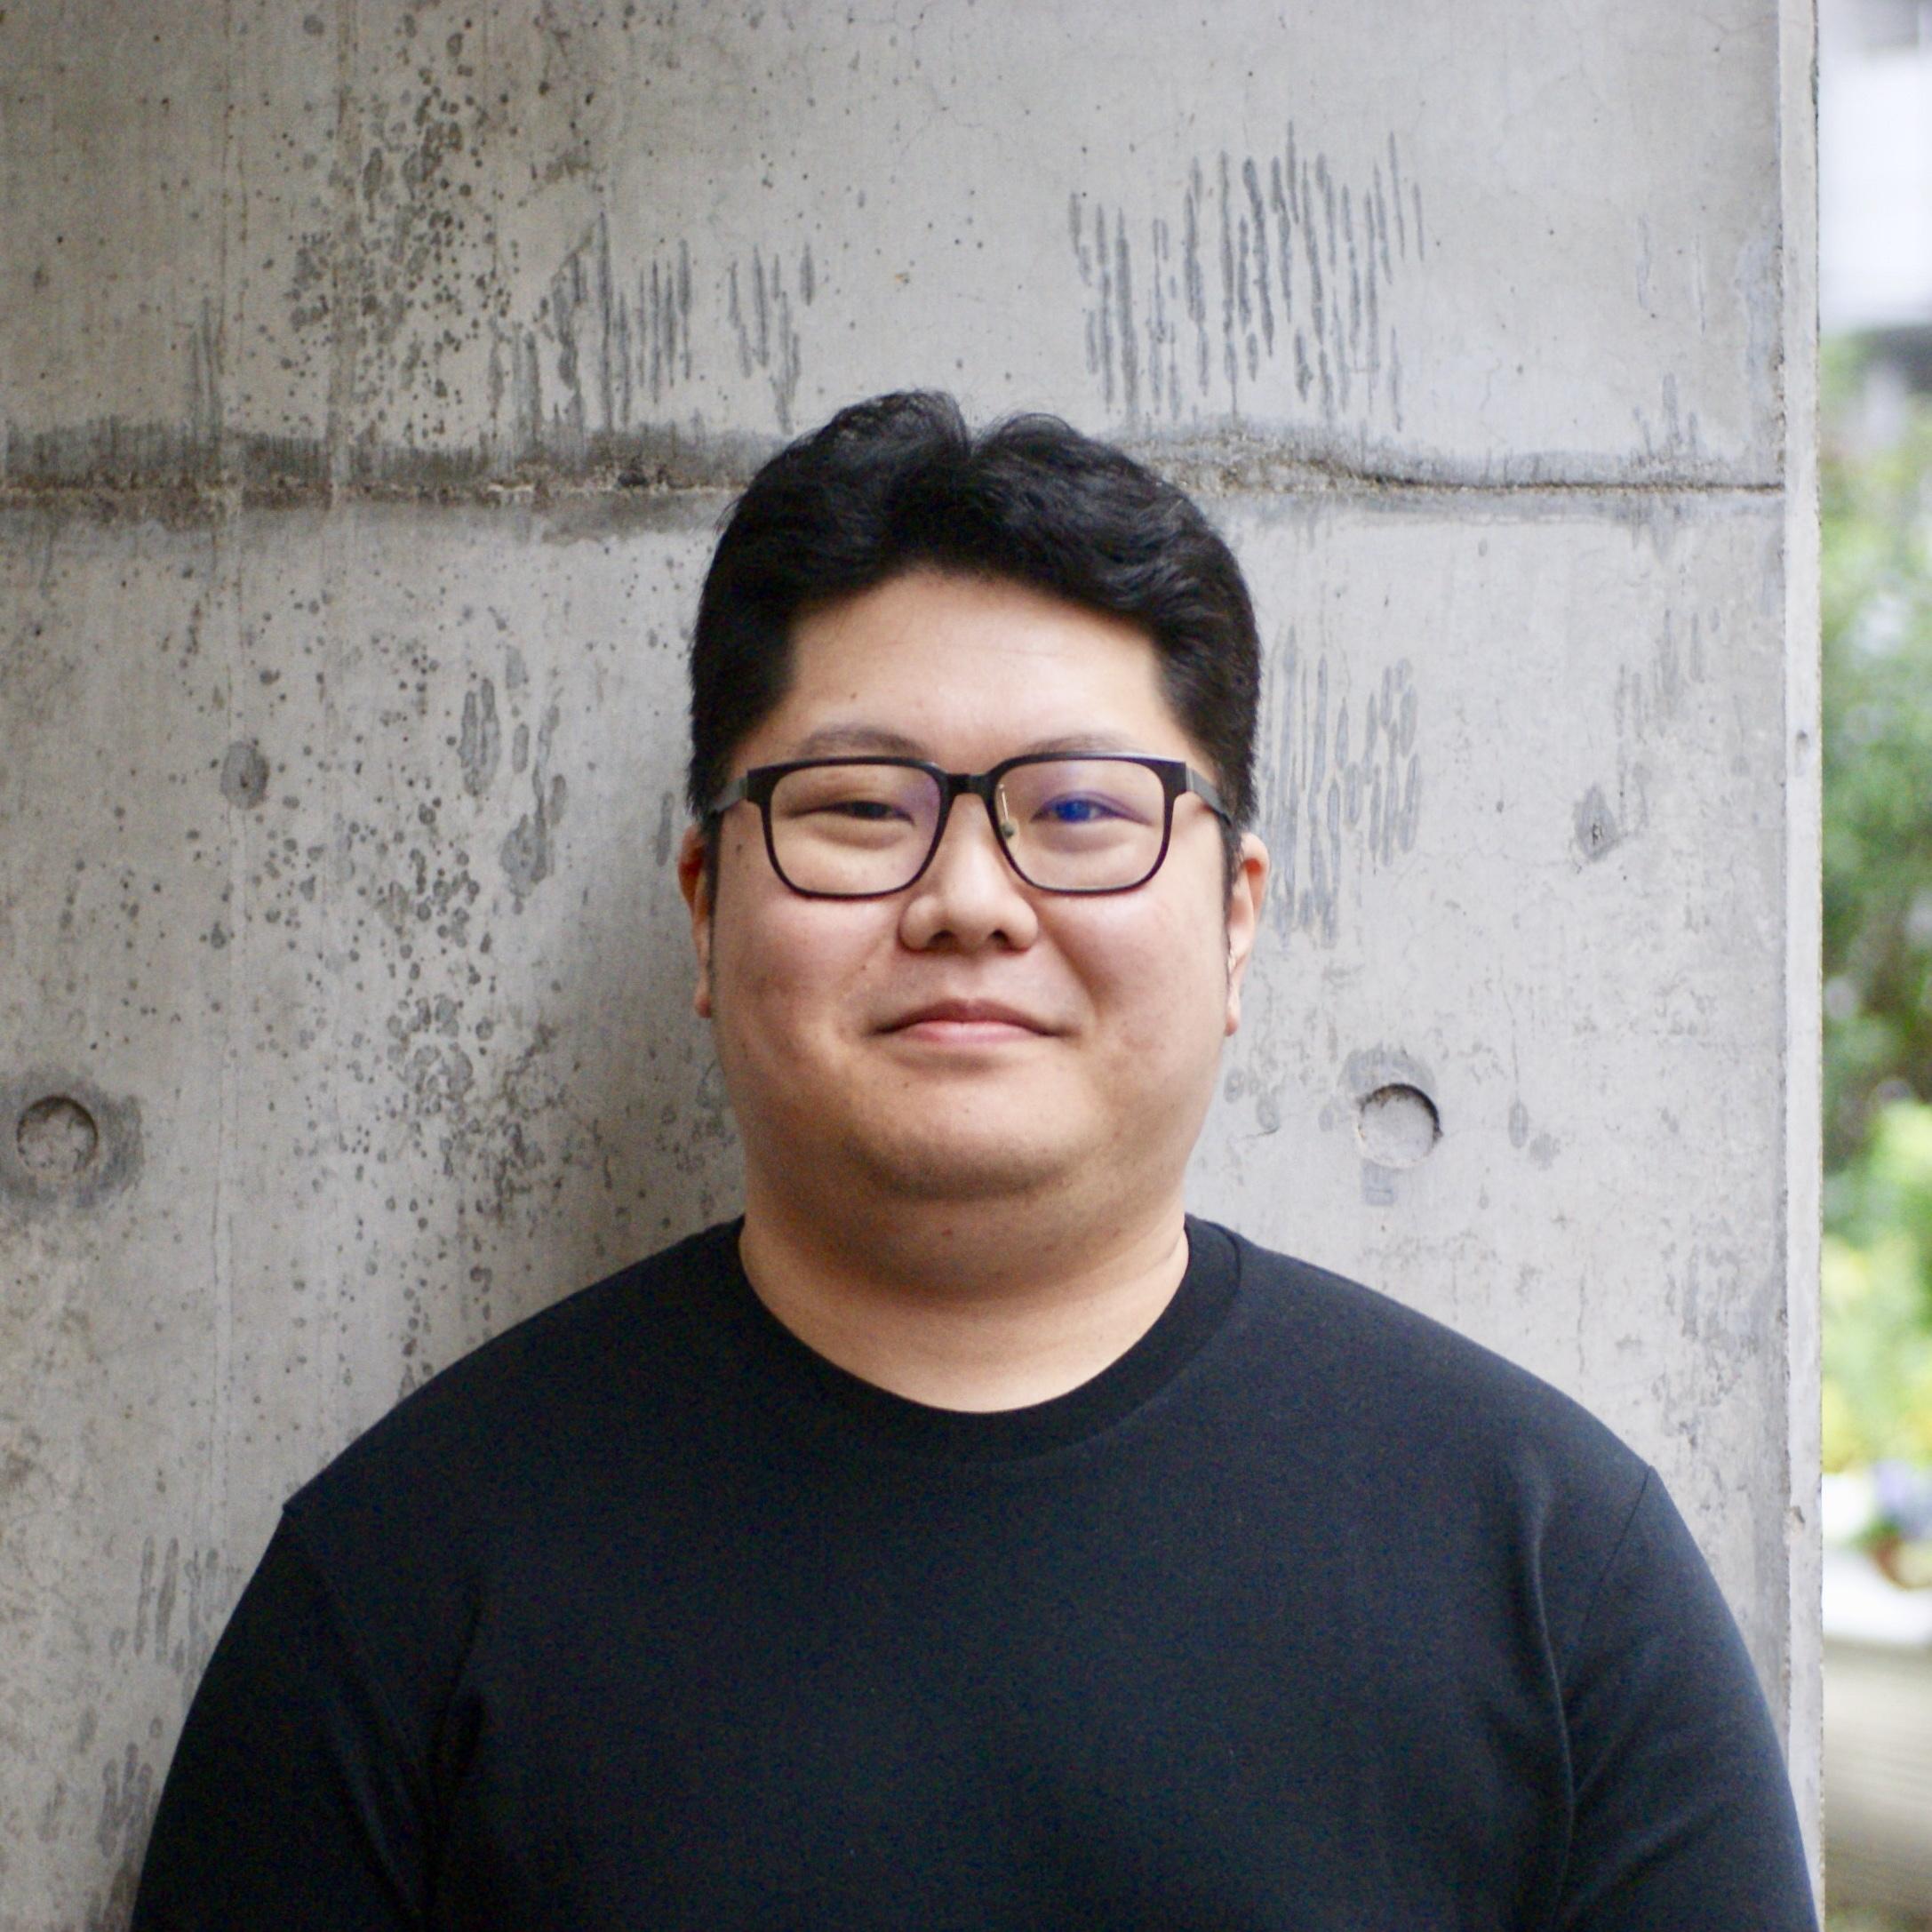 エンジニア 本田健太郎